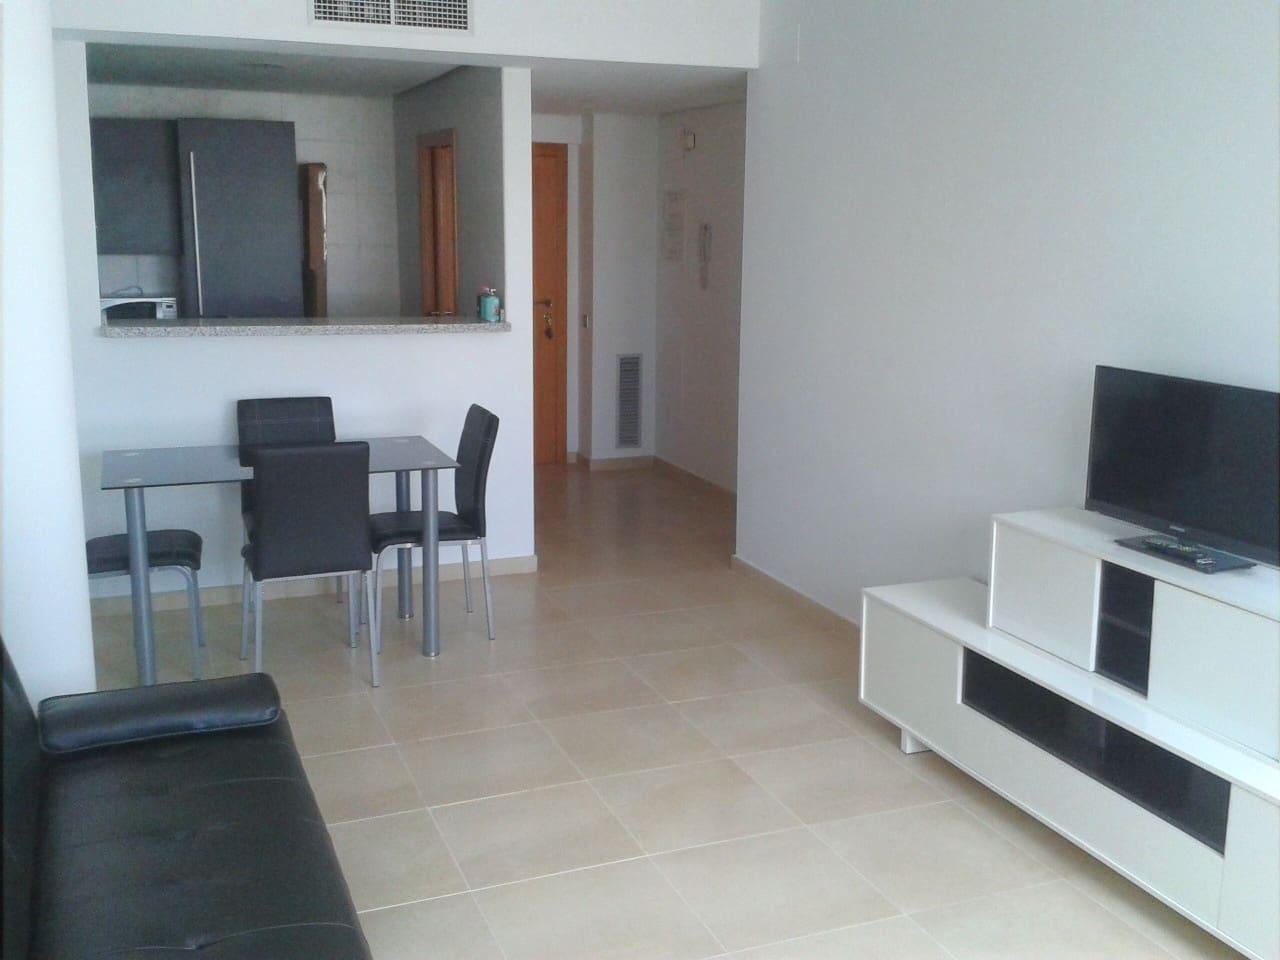 Apartamento de 2 habitaciones en San Rafael del Rio / Sant Rafael del Riu en venta - 85.000 € (Ref: 5016076)